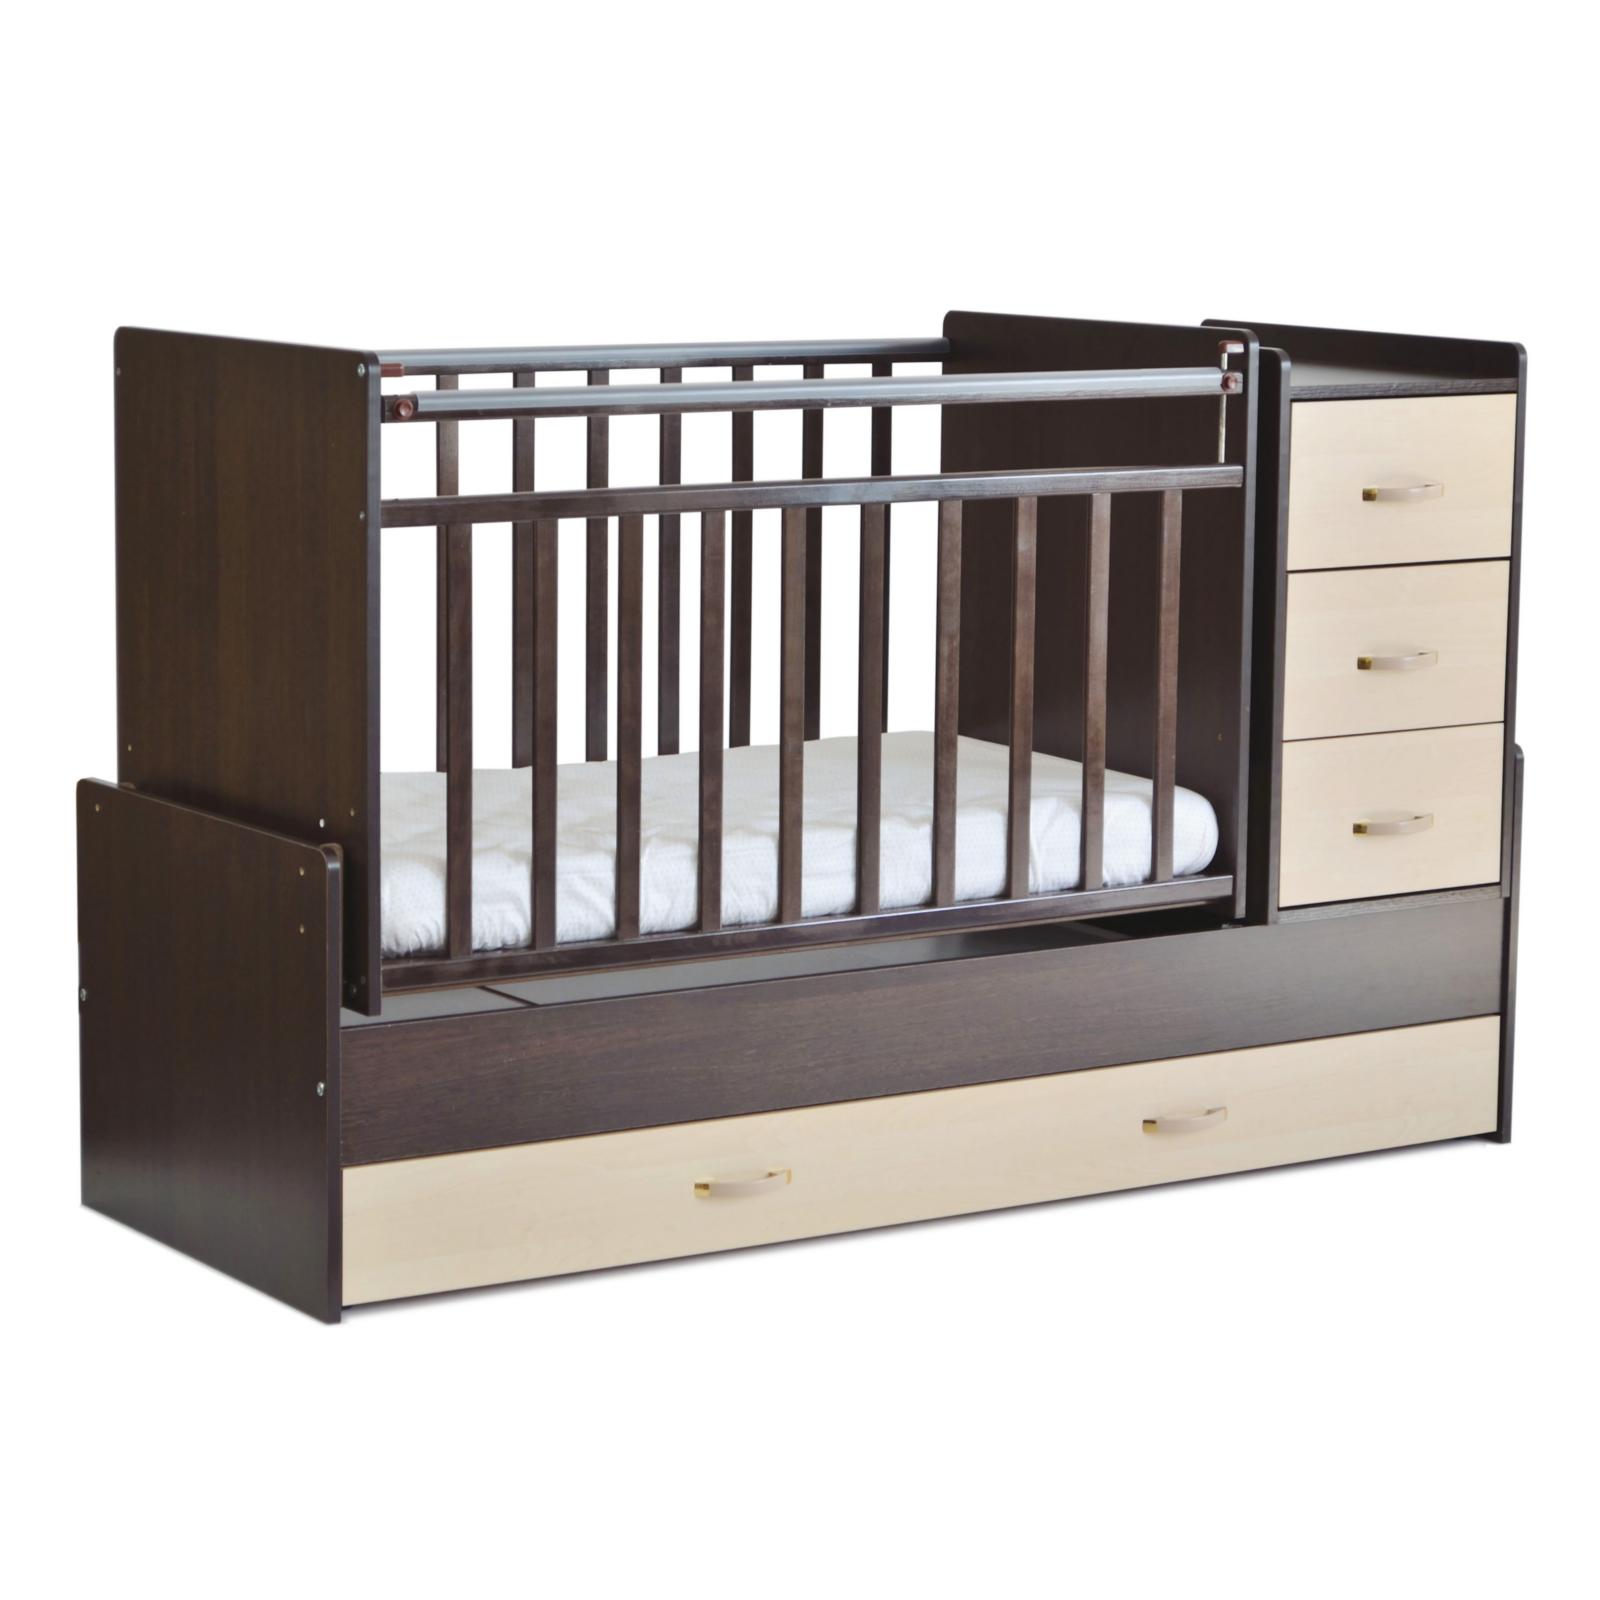 Кроватка-трансформер СКВ-компани, 53403 венге-береза